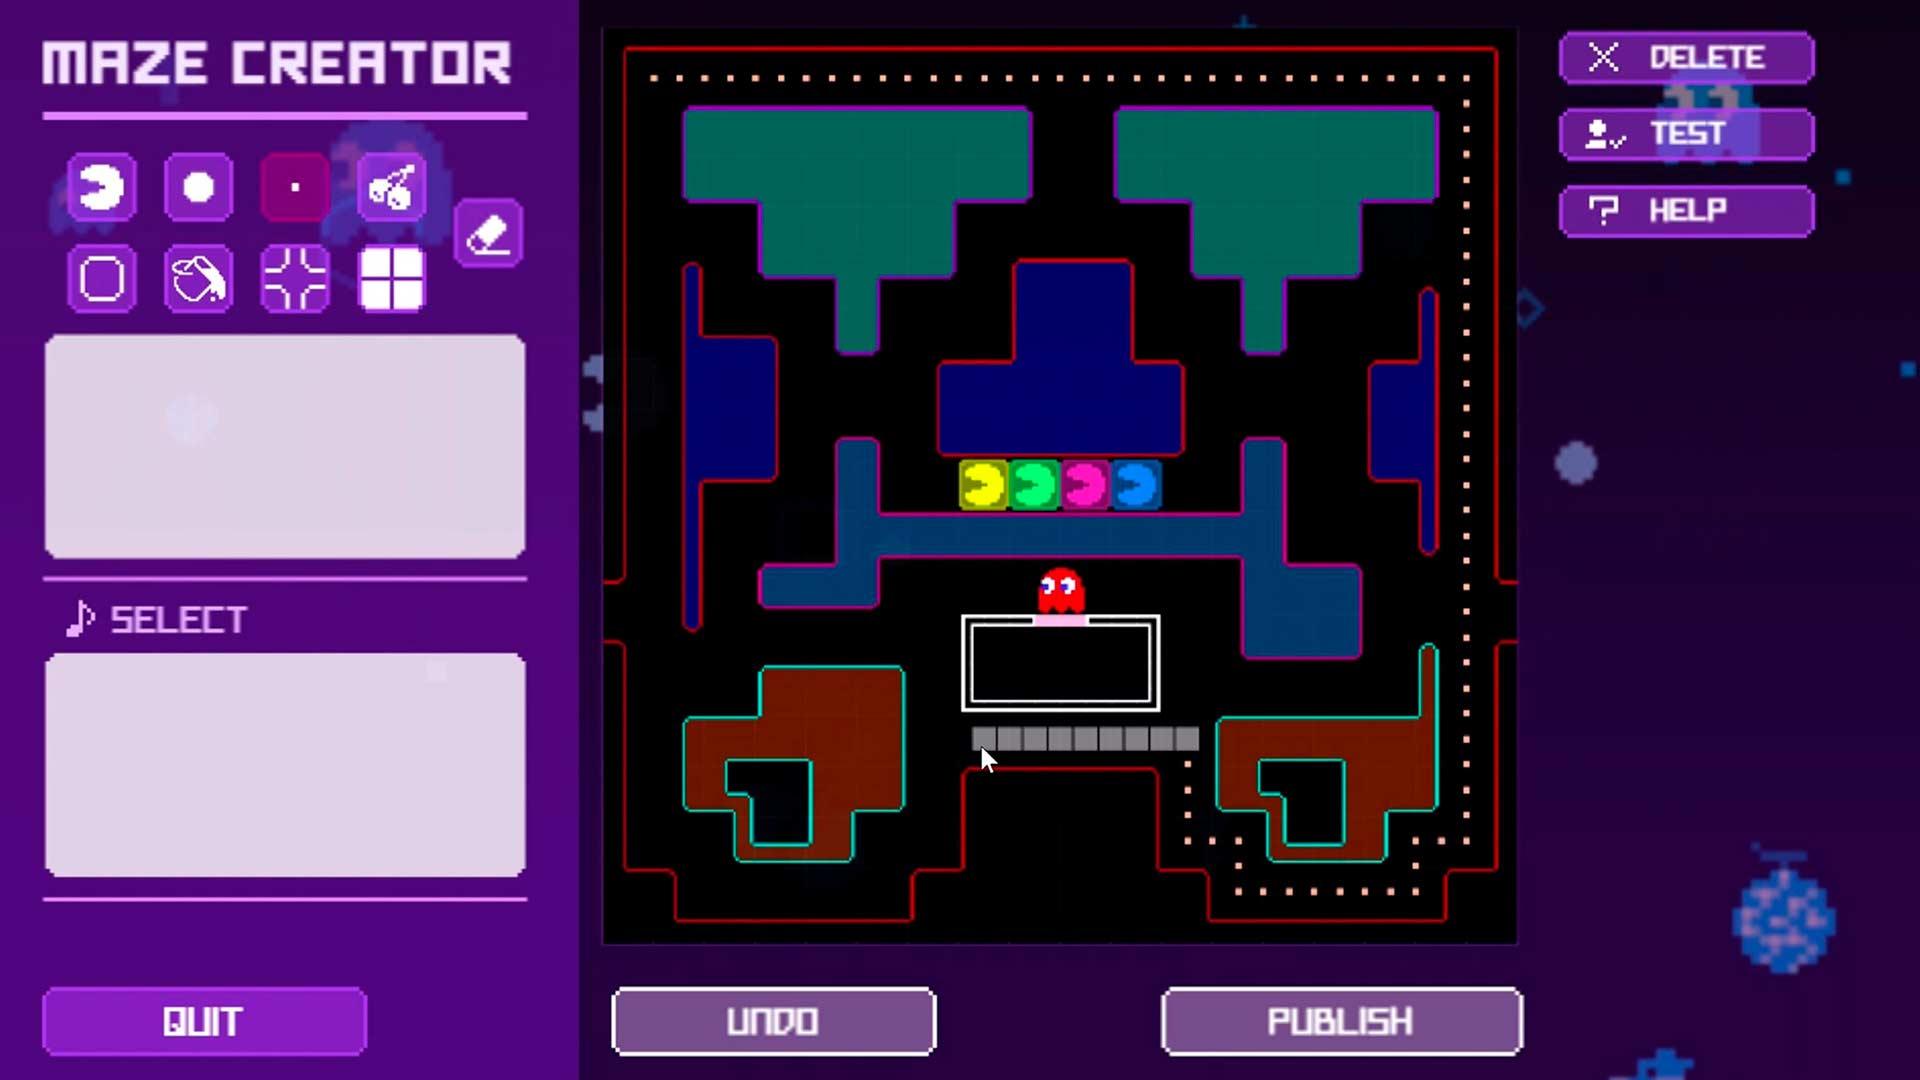 万代与亚马逊合作 推出《吃豆人》线上版本全新游戏